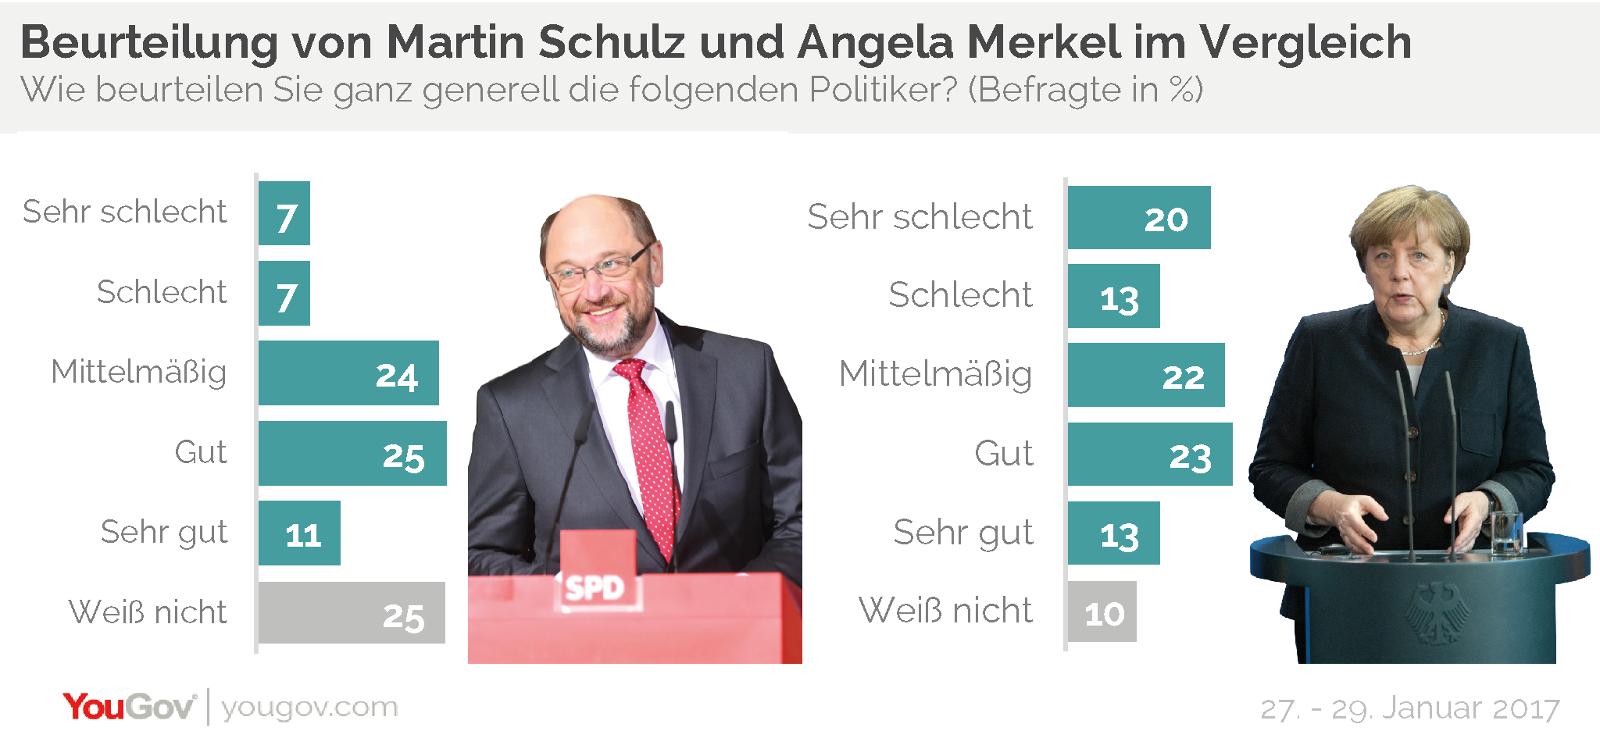 YouGov Martin Schulz Angela Merkel Beurteilung